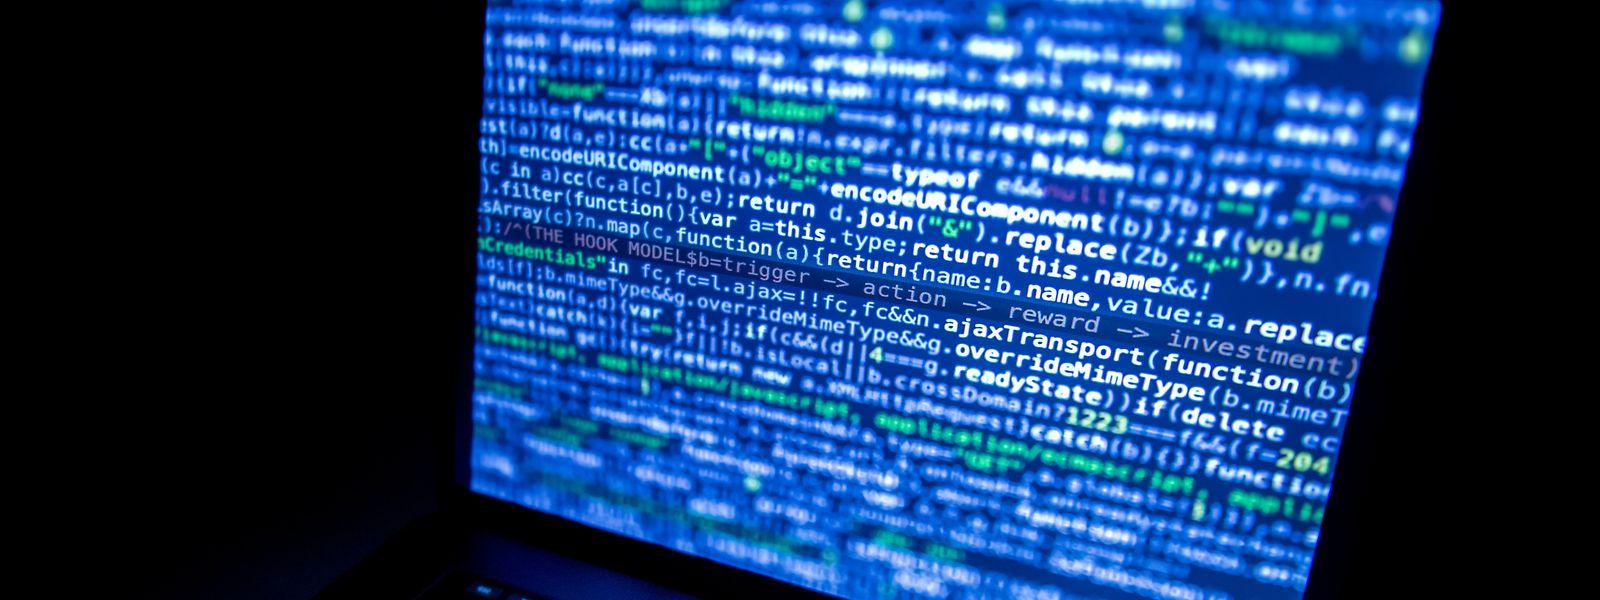 Viele Arbeitnehmer greifen derzeit von daheim über unzureichend gesicherte Rechner auf ihr Firmennetzwerk zu - Kriminelle nutzen diese Situation gezielt aus.